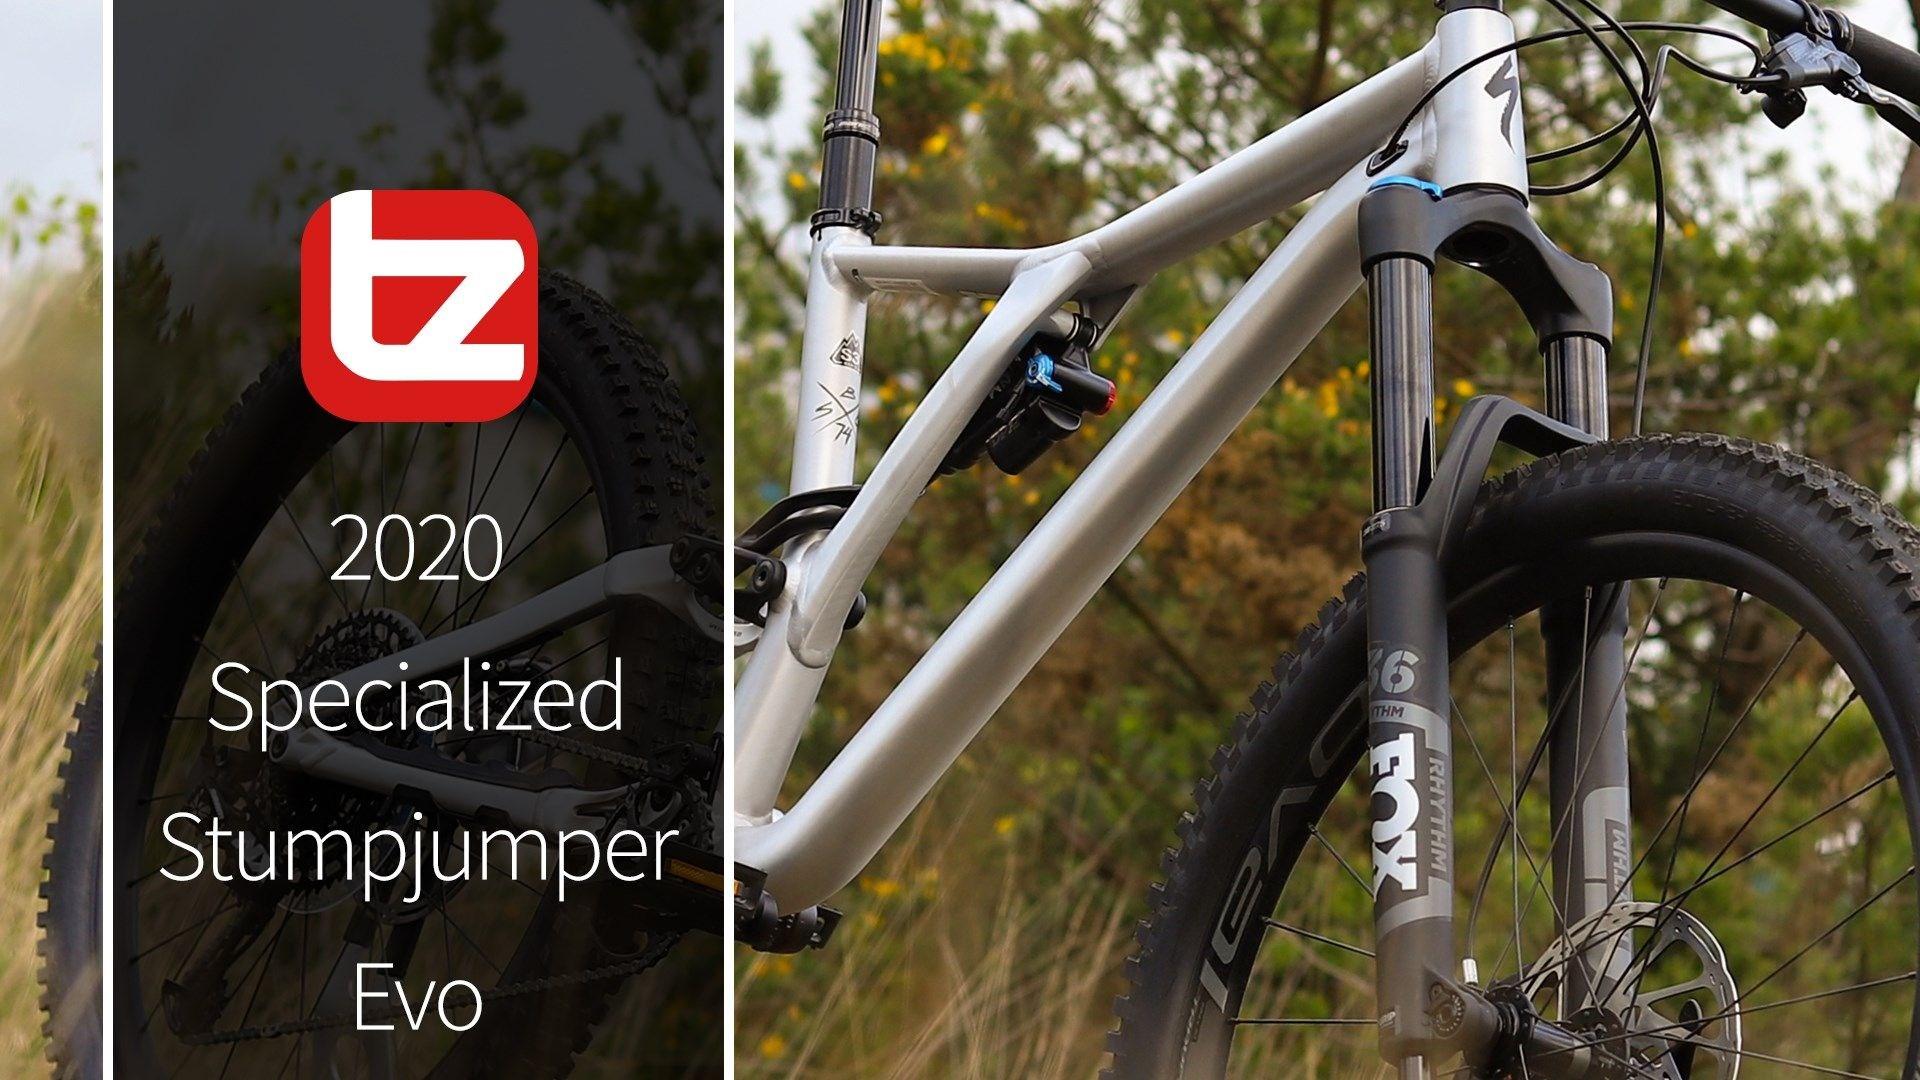 7e39d9c5785 Specialized Stumpjumper Evo Pro 27.5